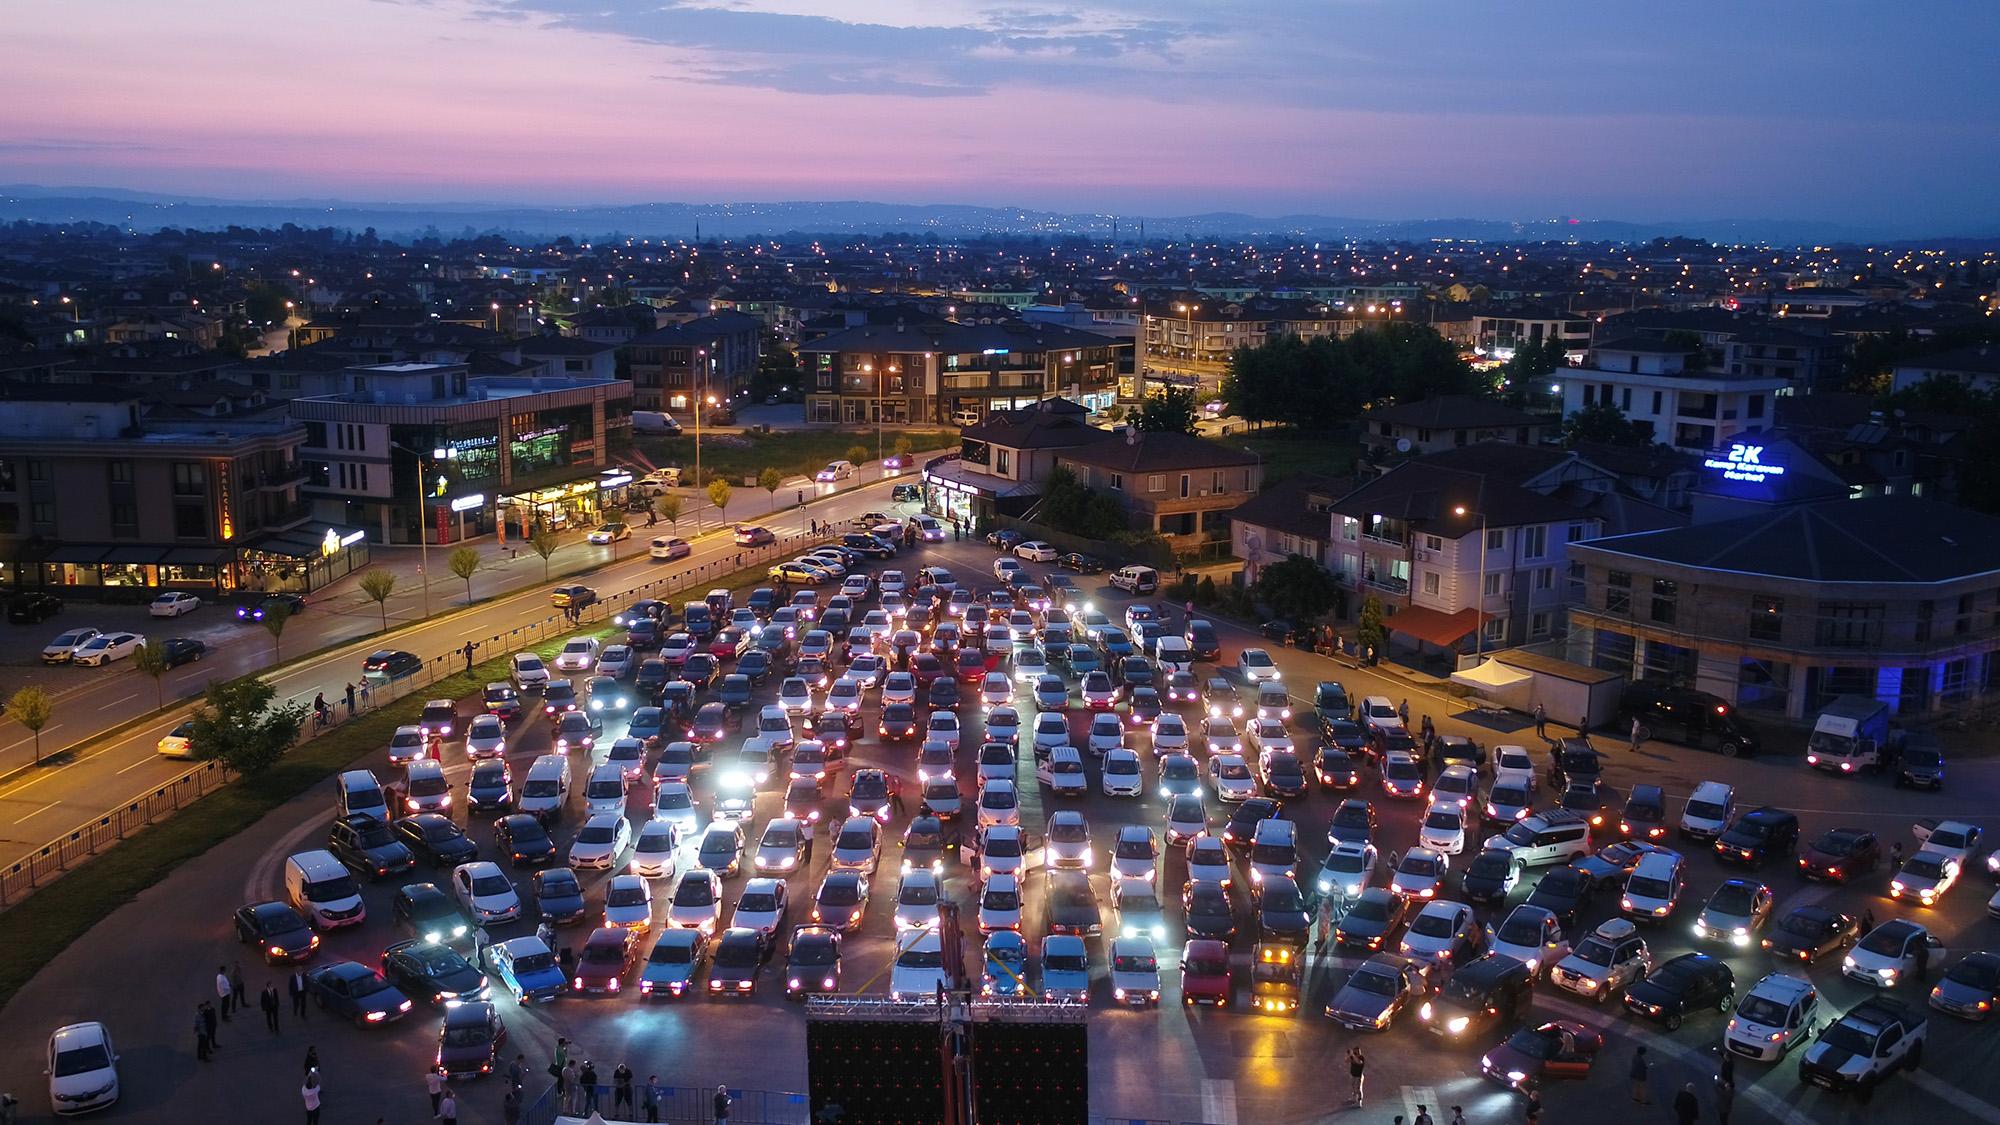 Arabalı sinema Serdivan'daydı